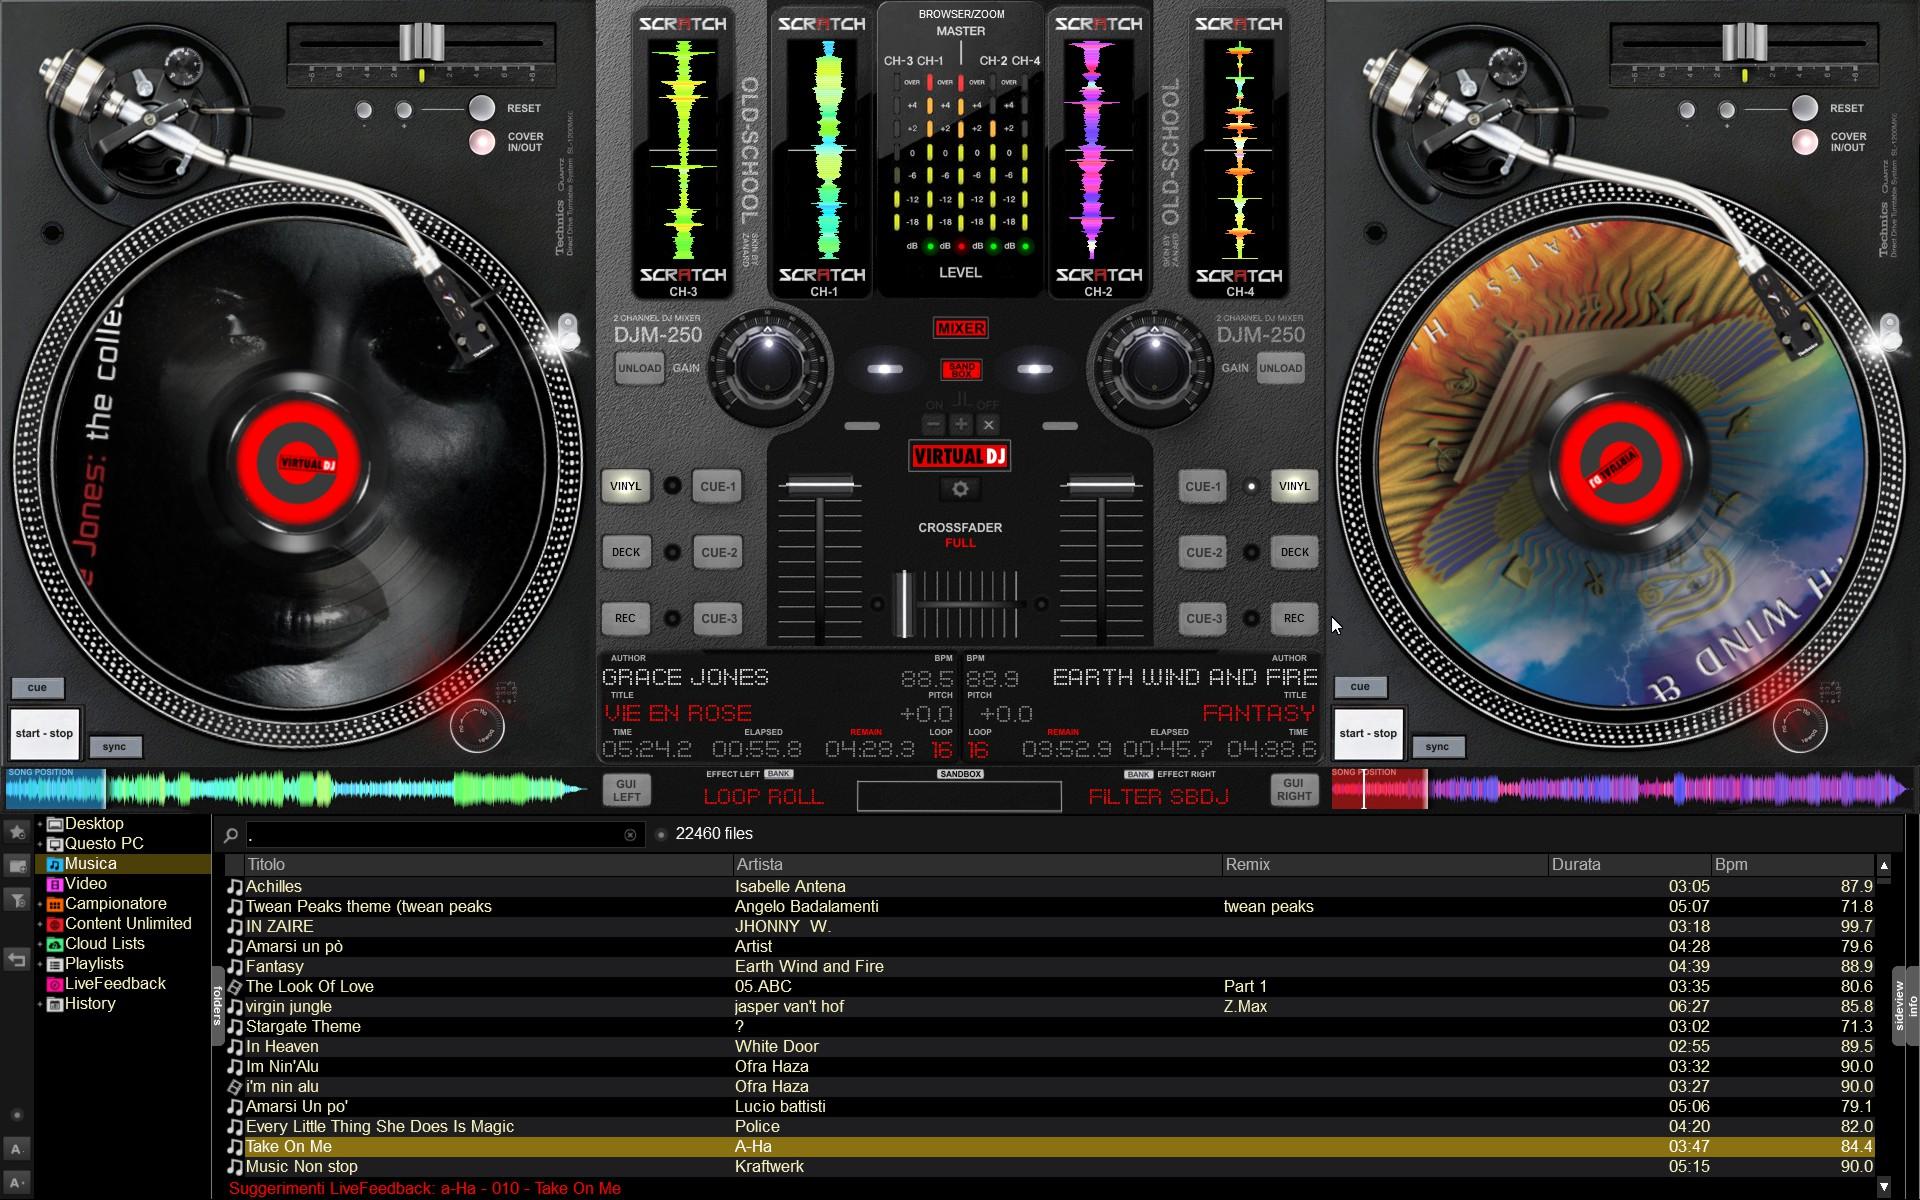 Virtual dj 8 pro free download full version + plugins [gd] | yasir252.